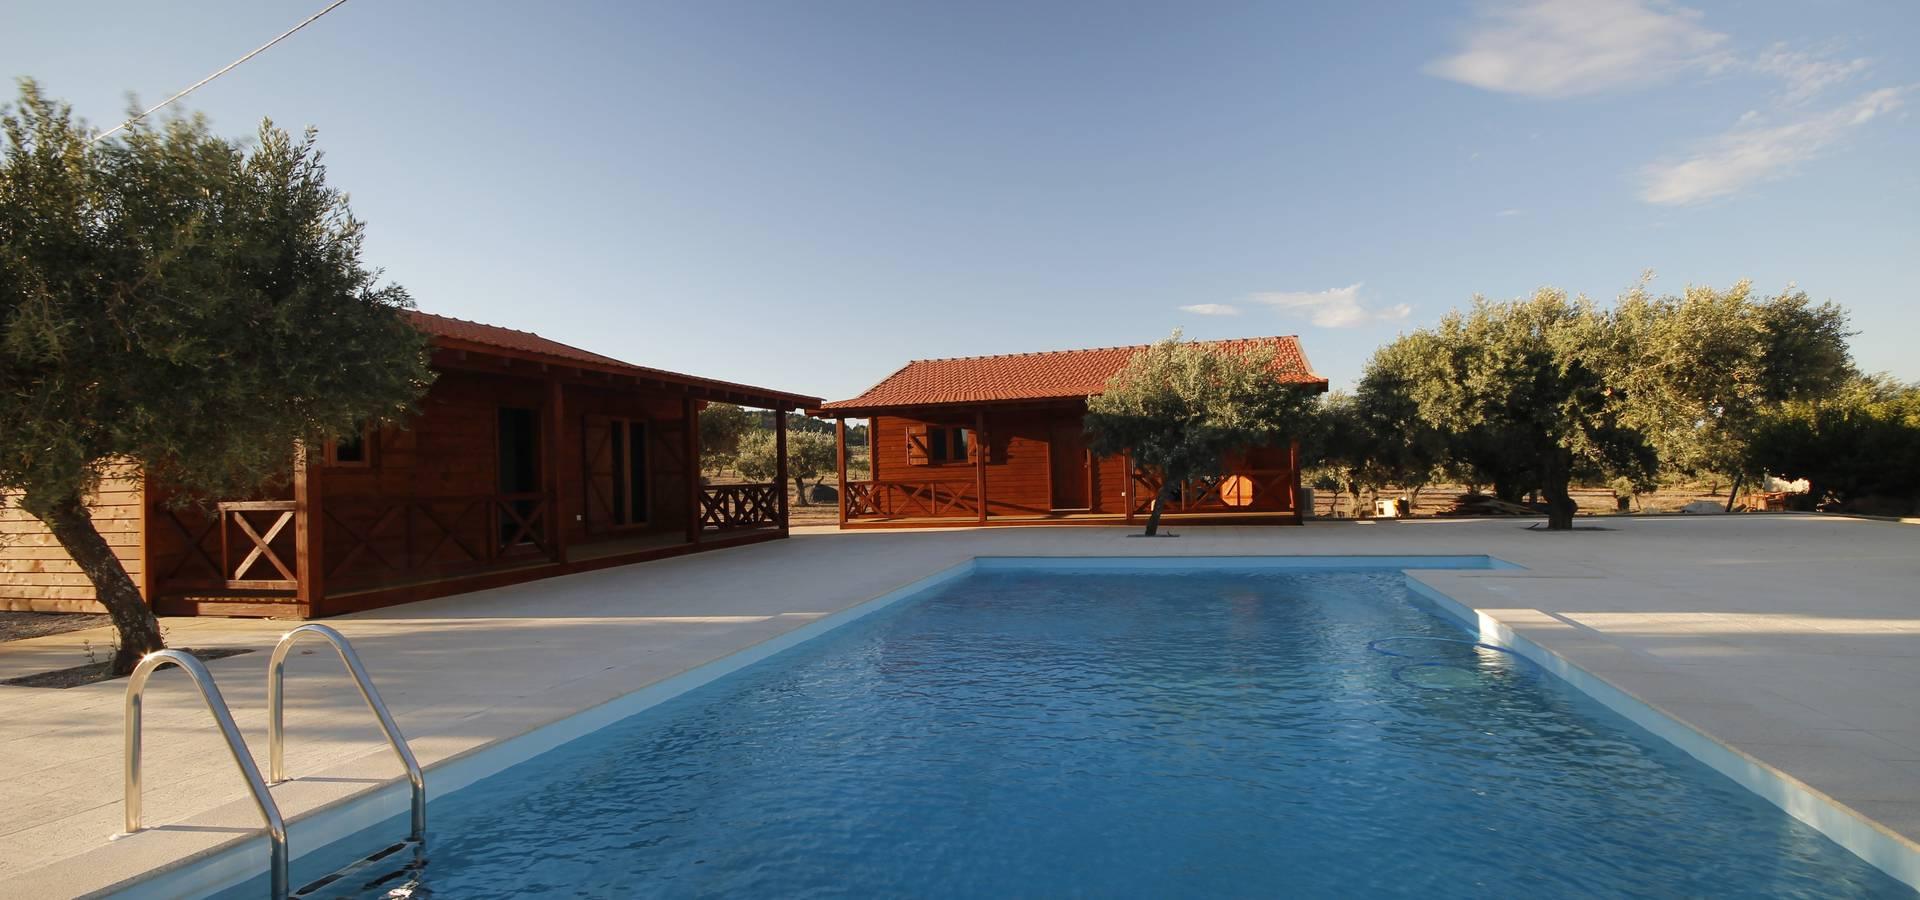 Casas g meas ecositana casas de madeira portugal by - Casas madera portugal ...